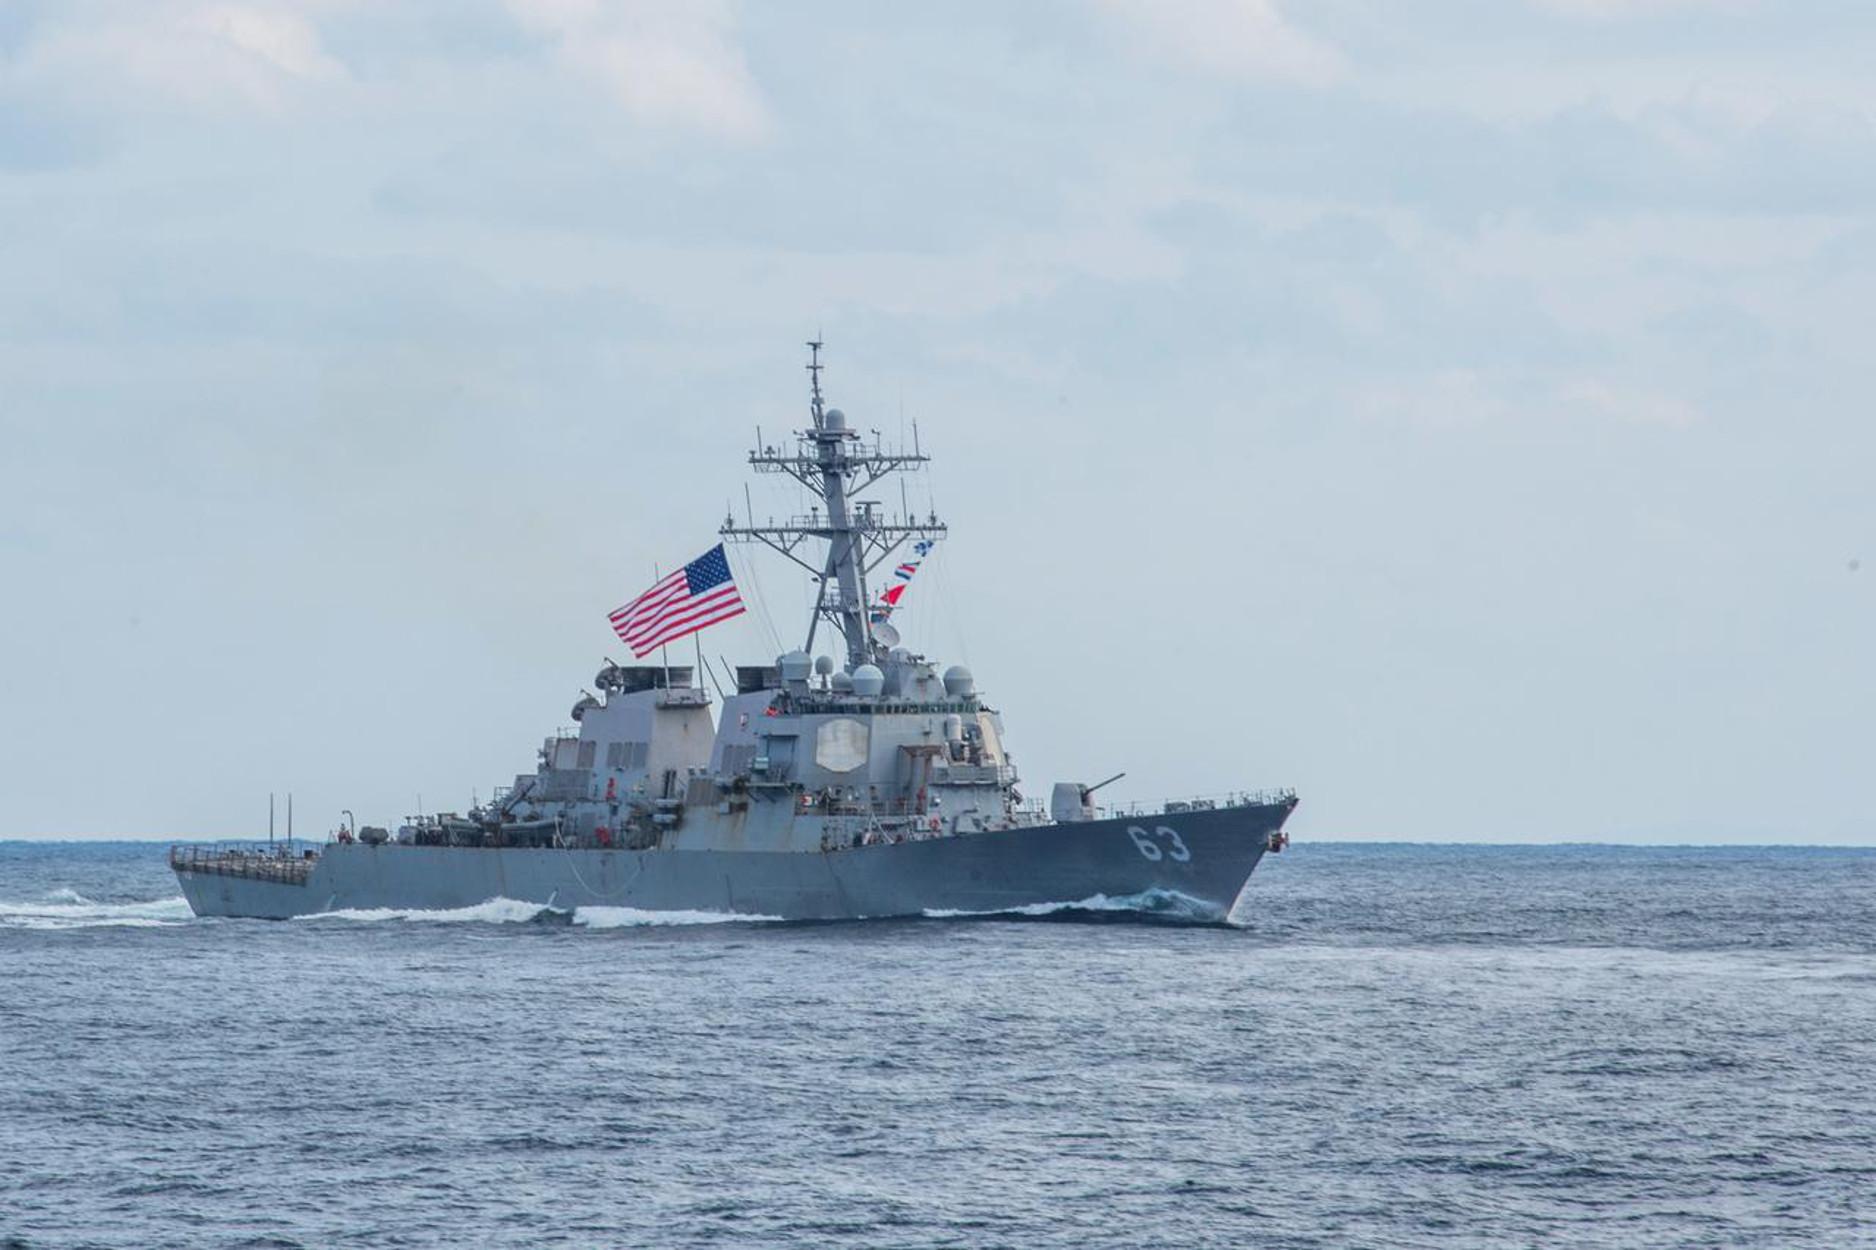 Αμερικανικό πλοίο κατέρριψε Ιρανικό drone στο στενό του Ορμούζ